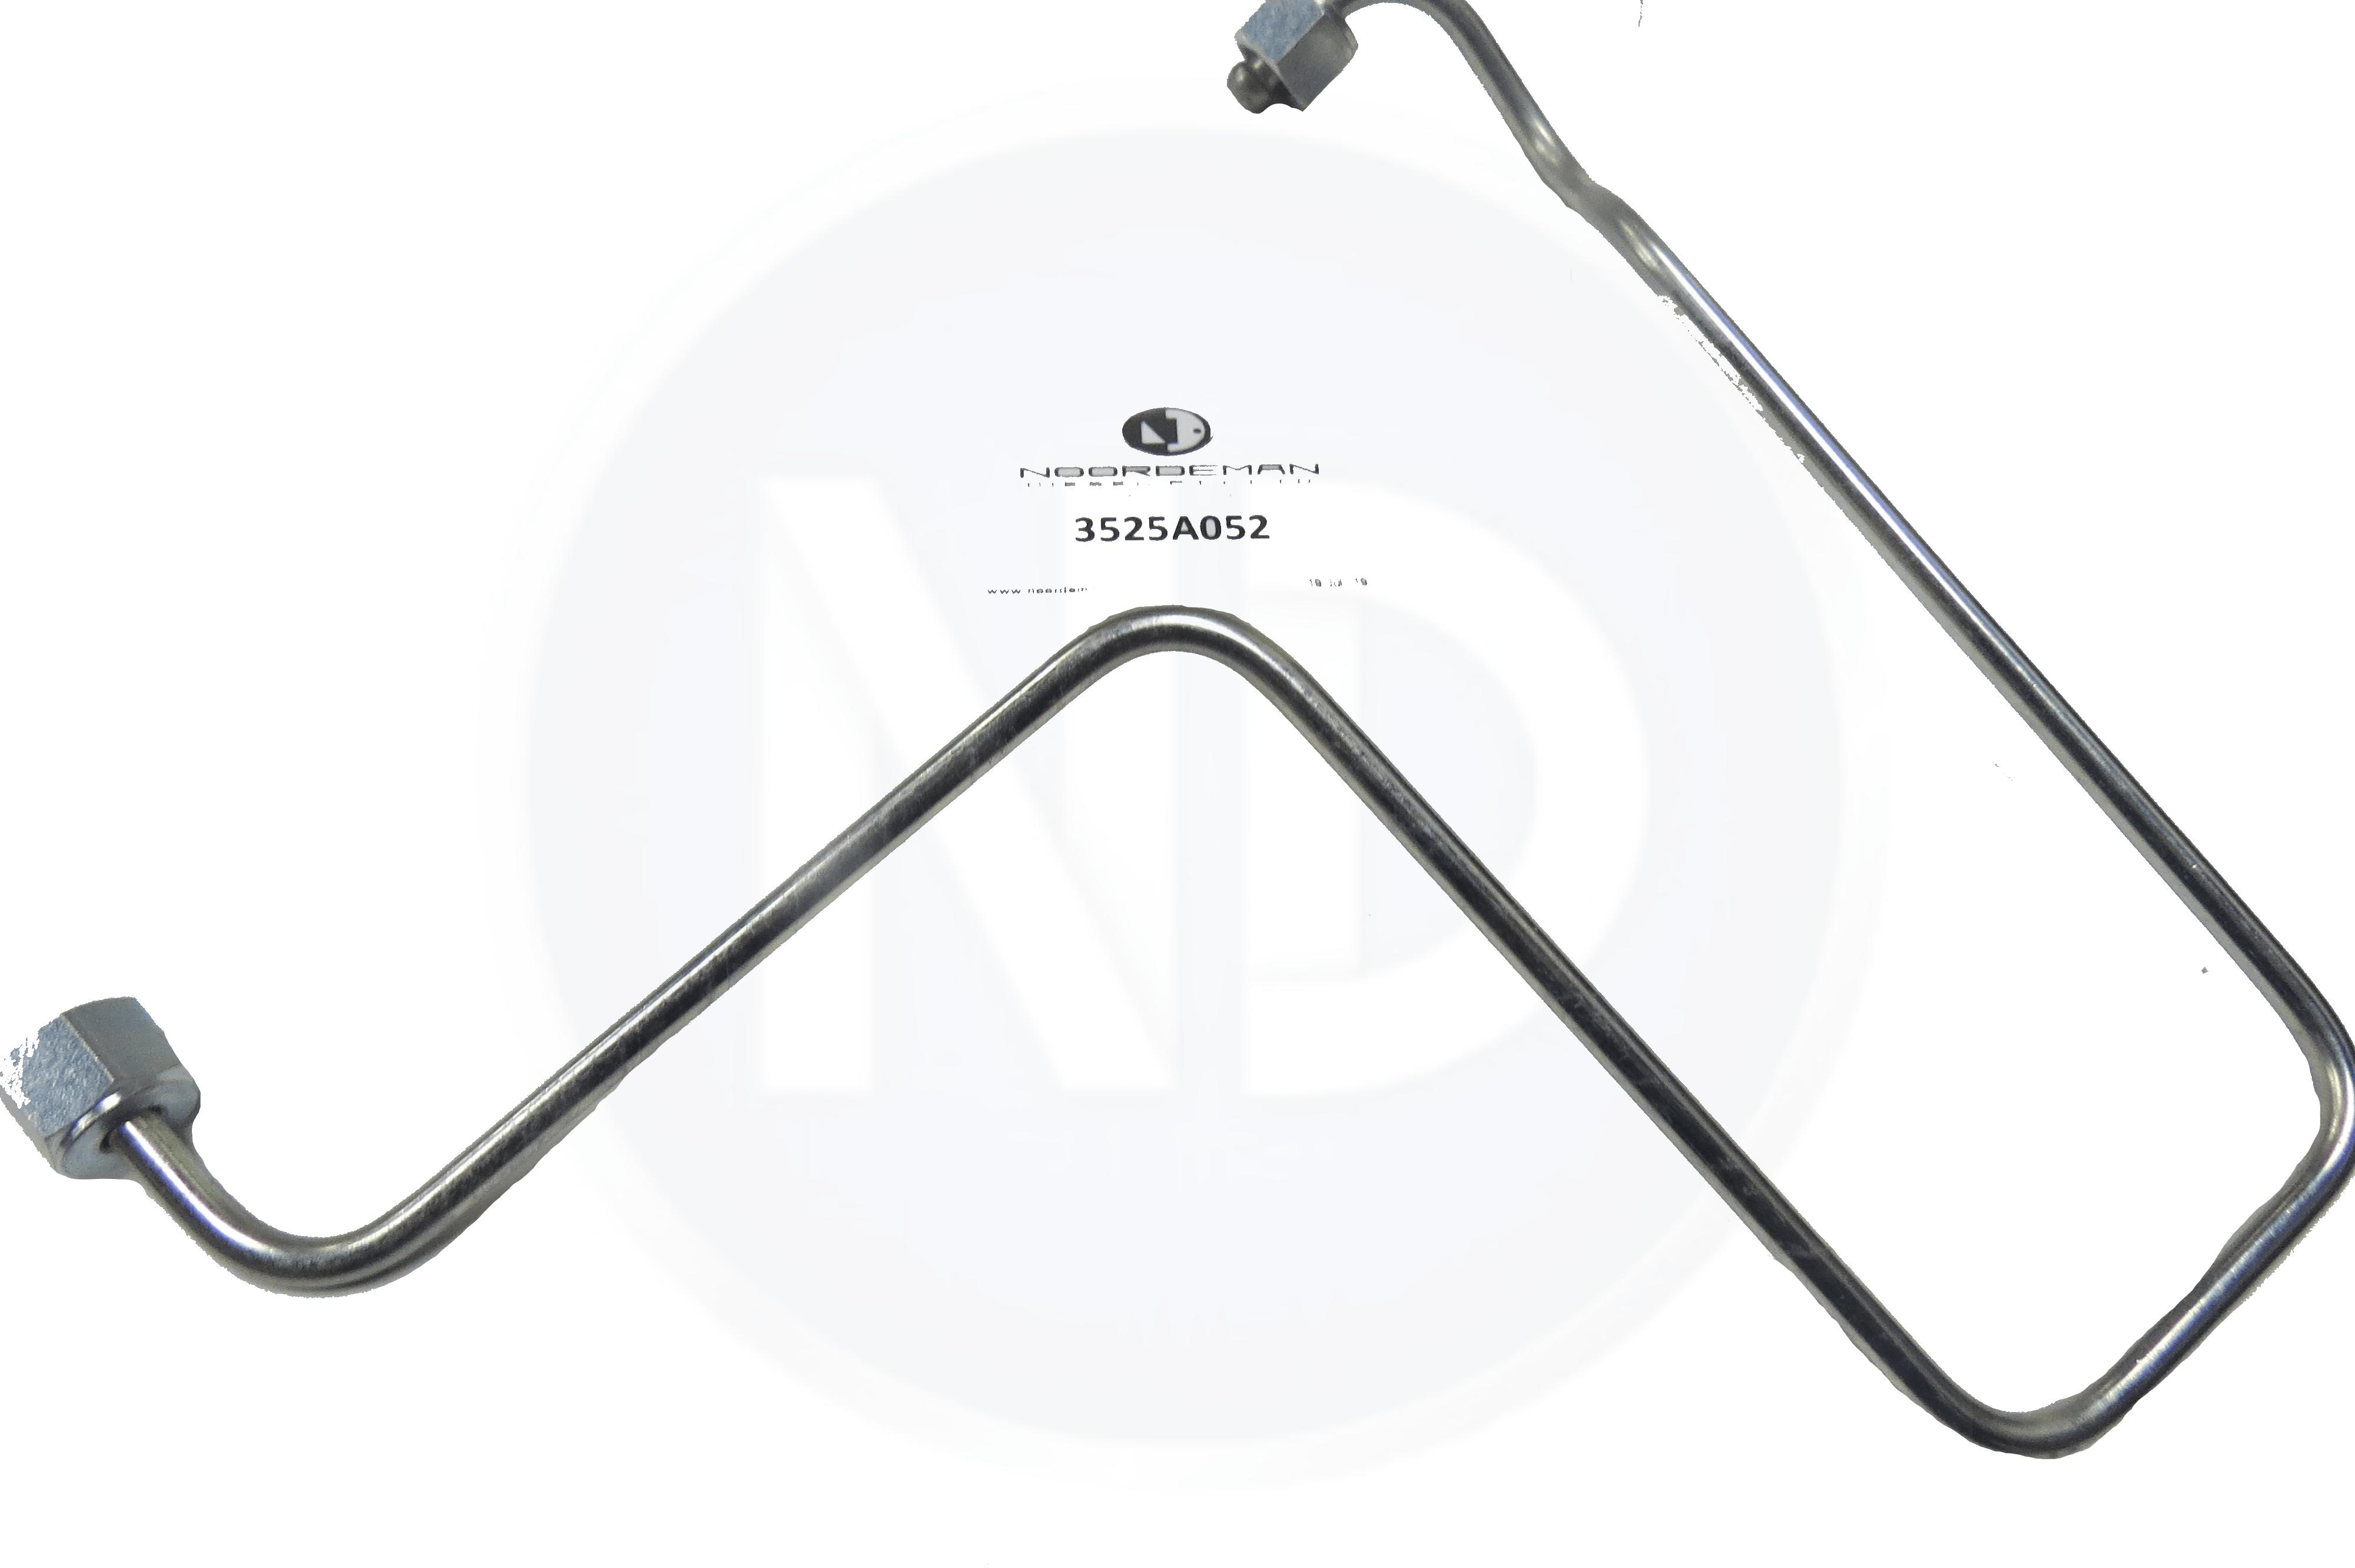 A052 Perkins Injection Pump No 2